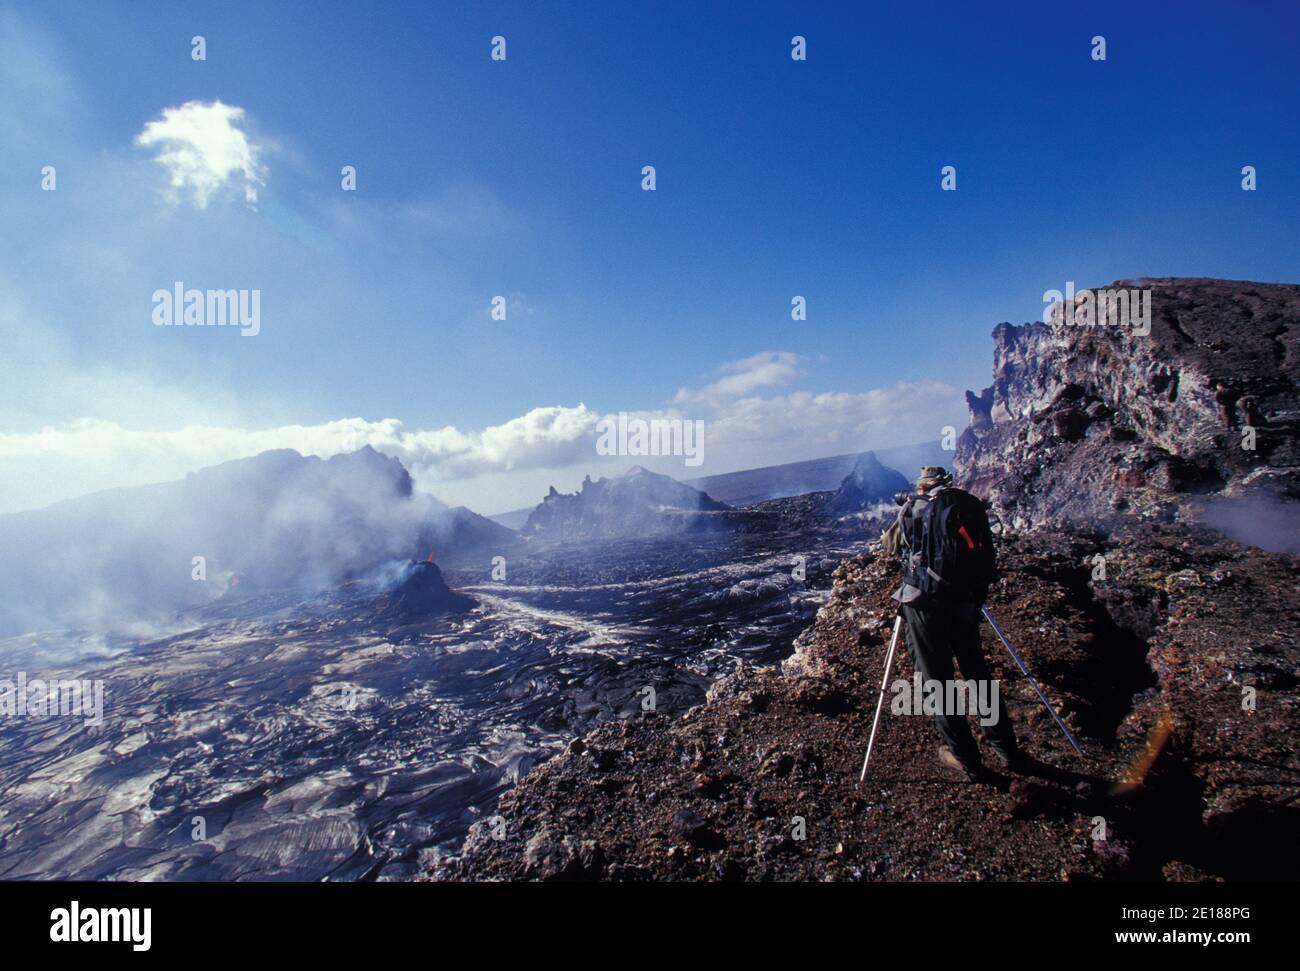 El veterano fotógrafo del volcán Brad Lewis filmando la erupción de Pu' o'o Caldera, Parque Nacional de los Volcanes Foto de stock